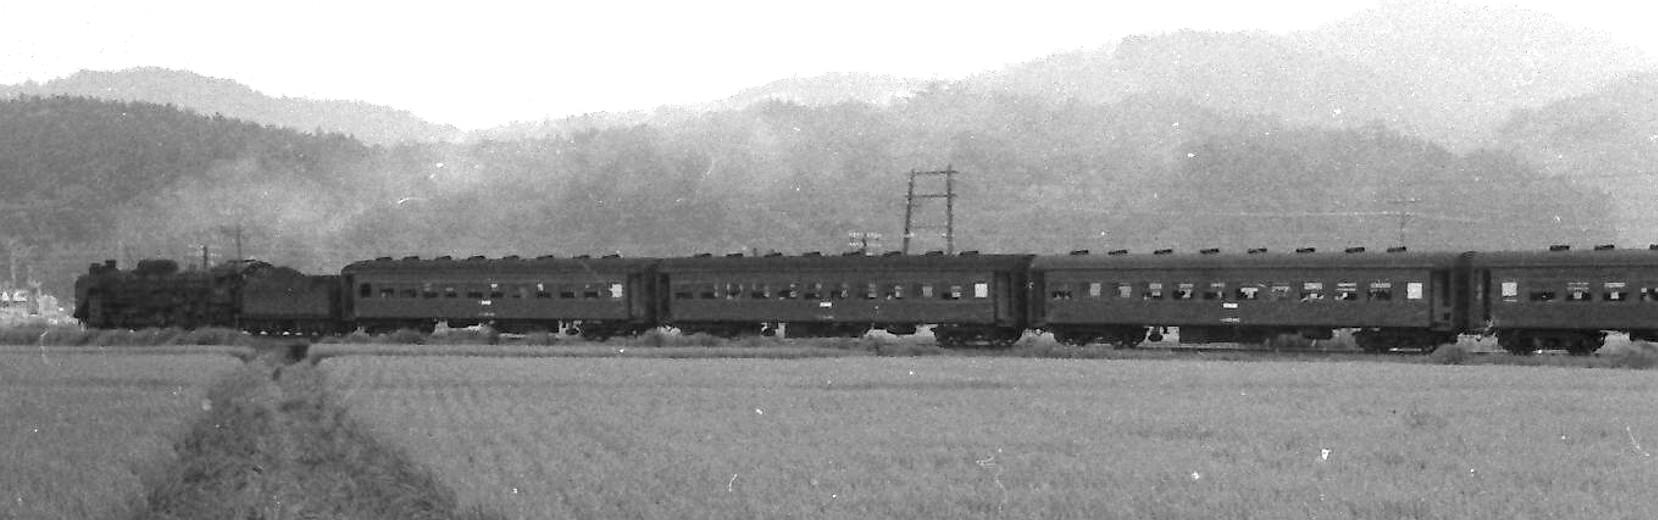 e-117vb.jpg